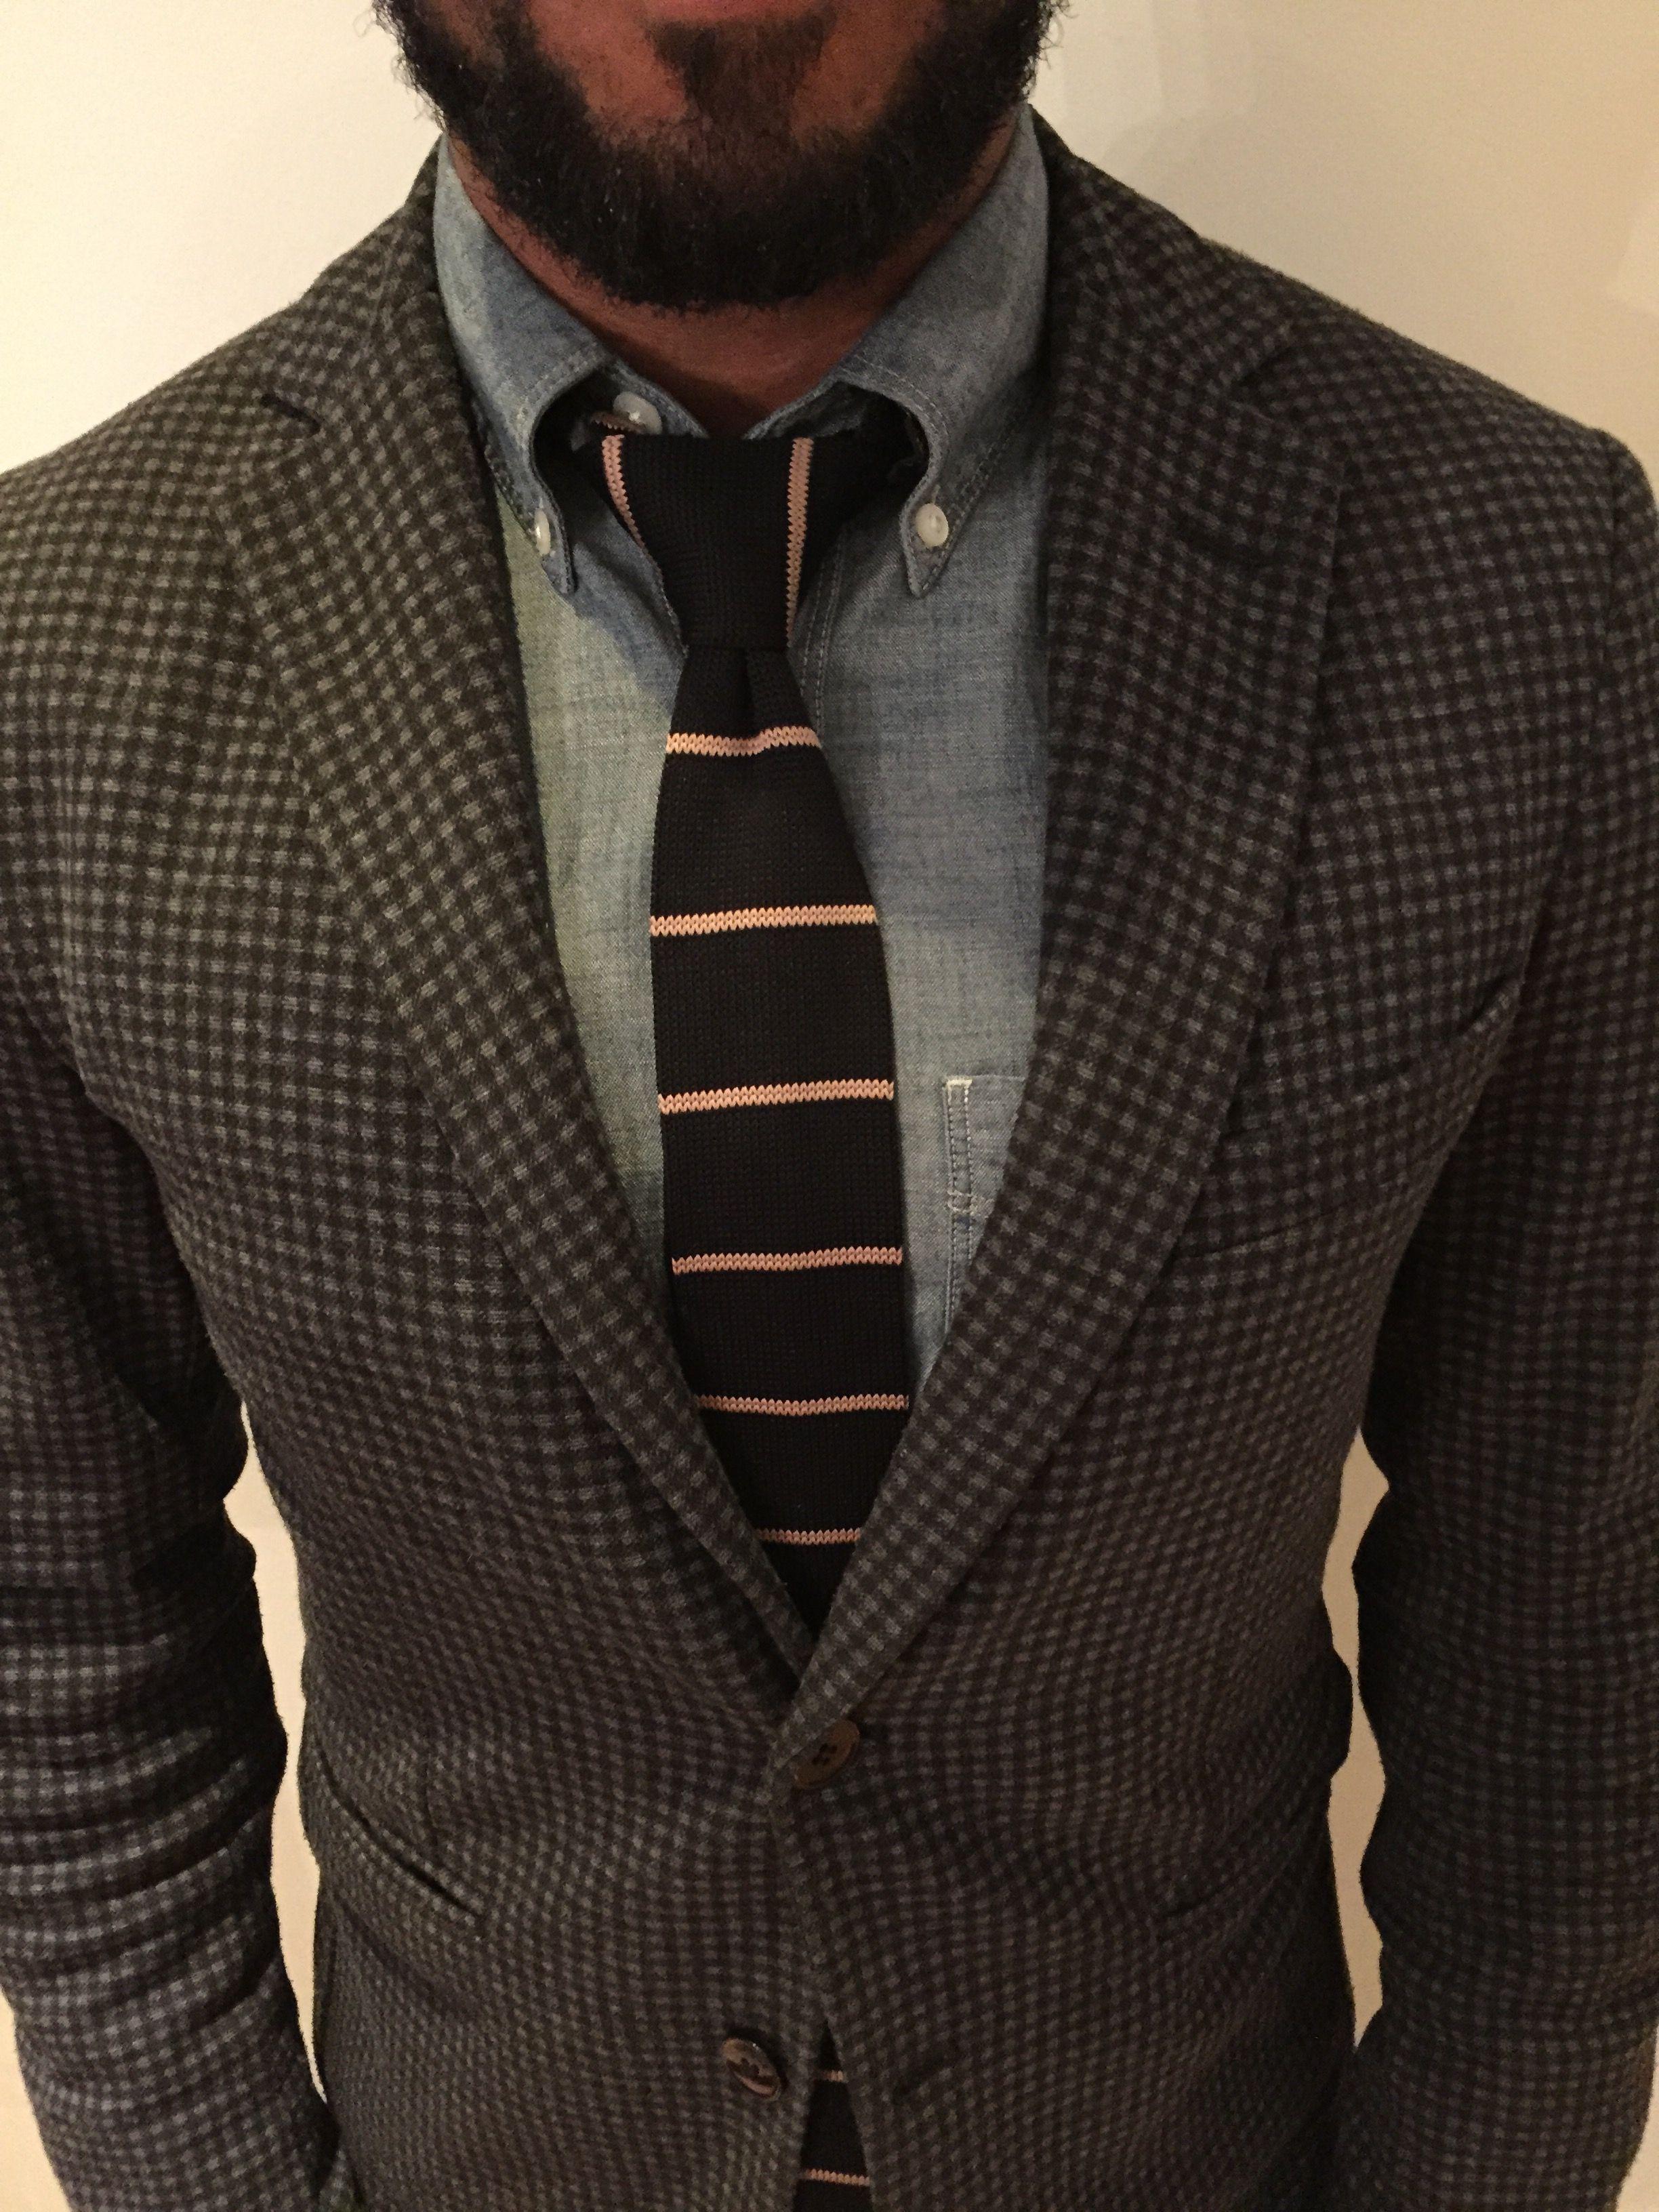 street style men fashion Men's fashion grey check